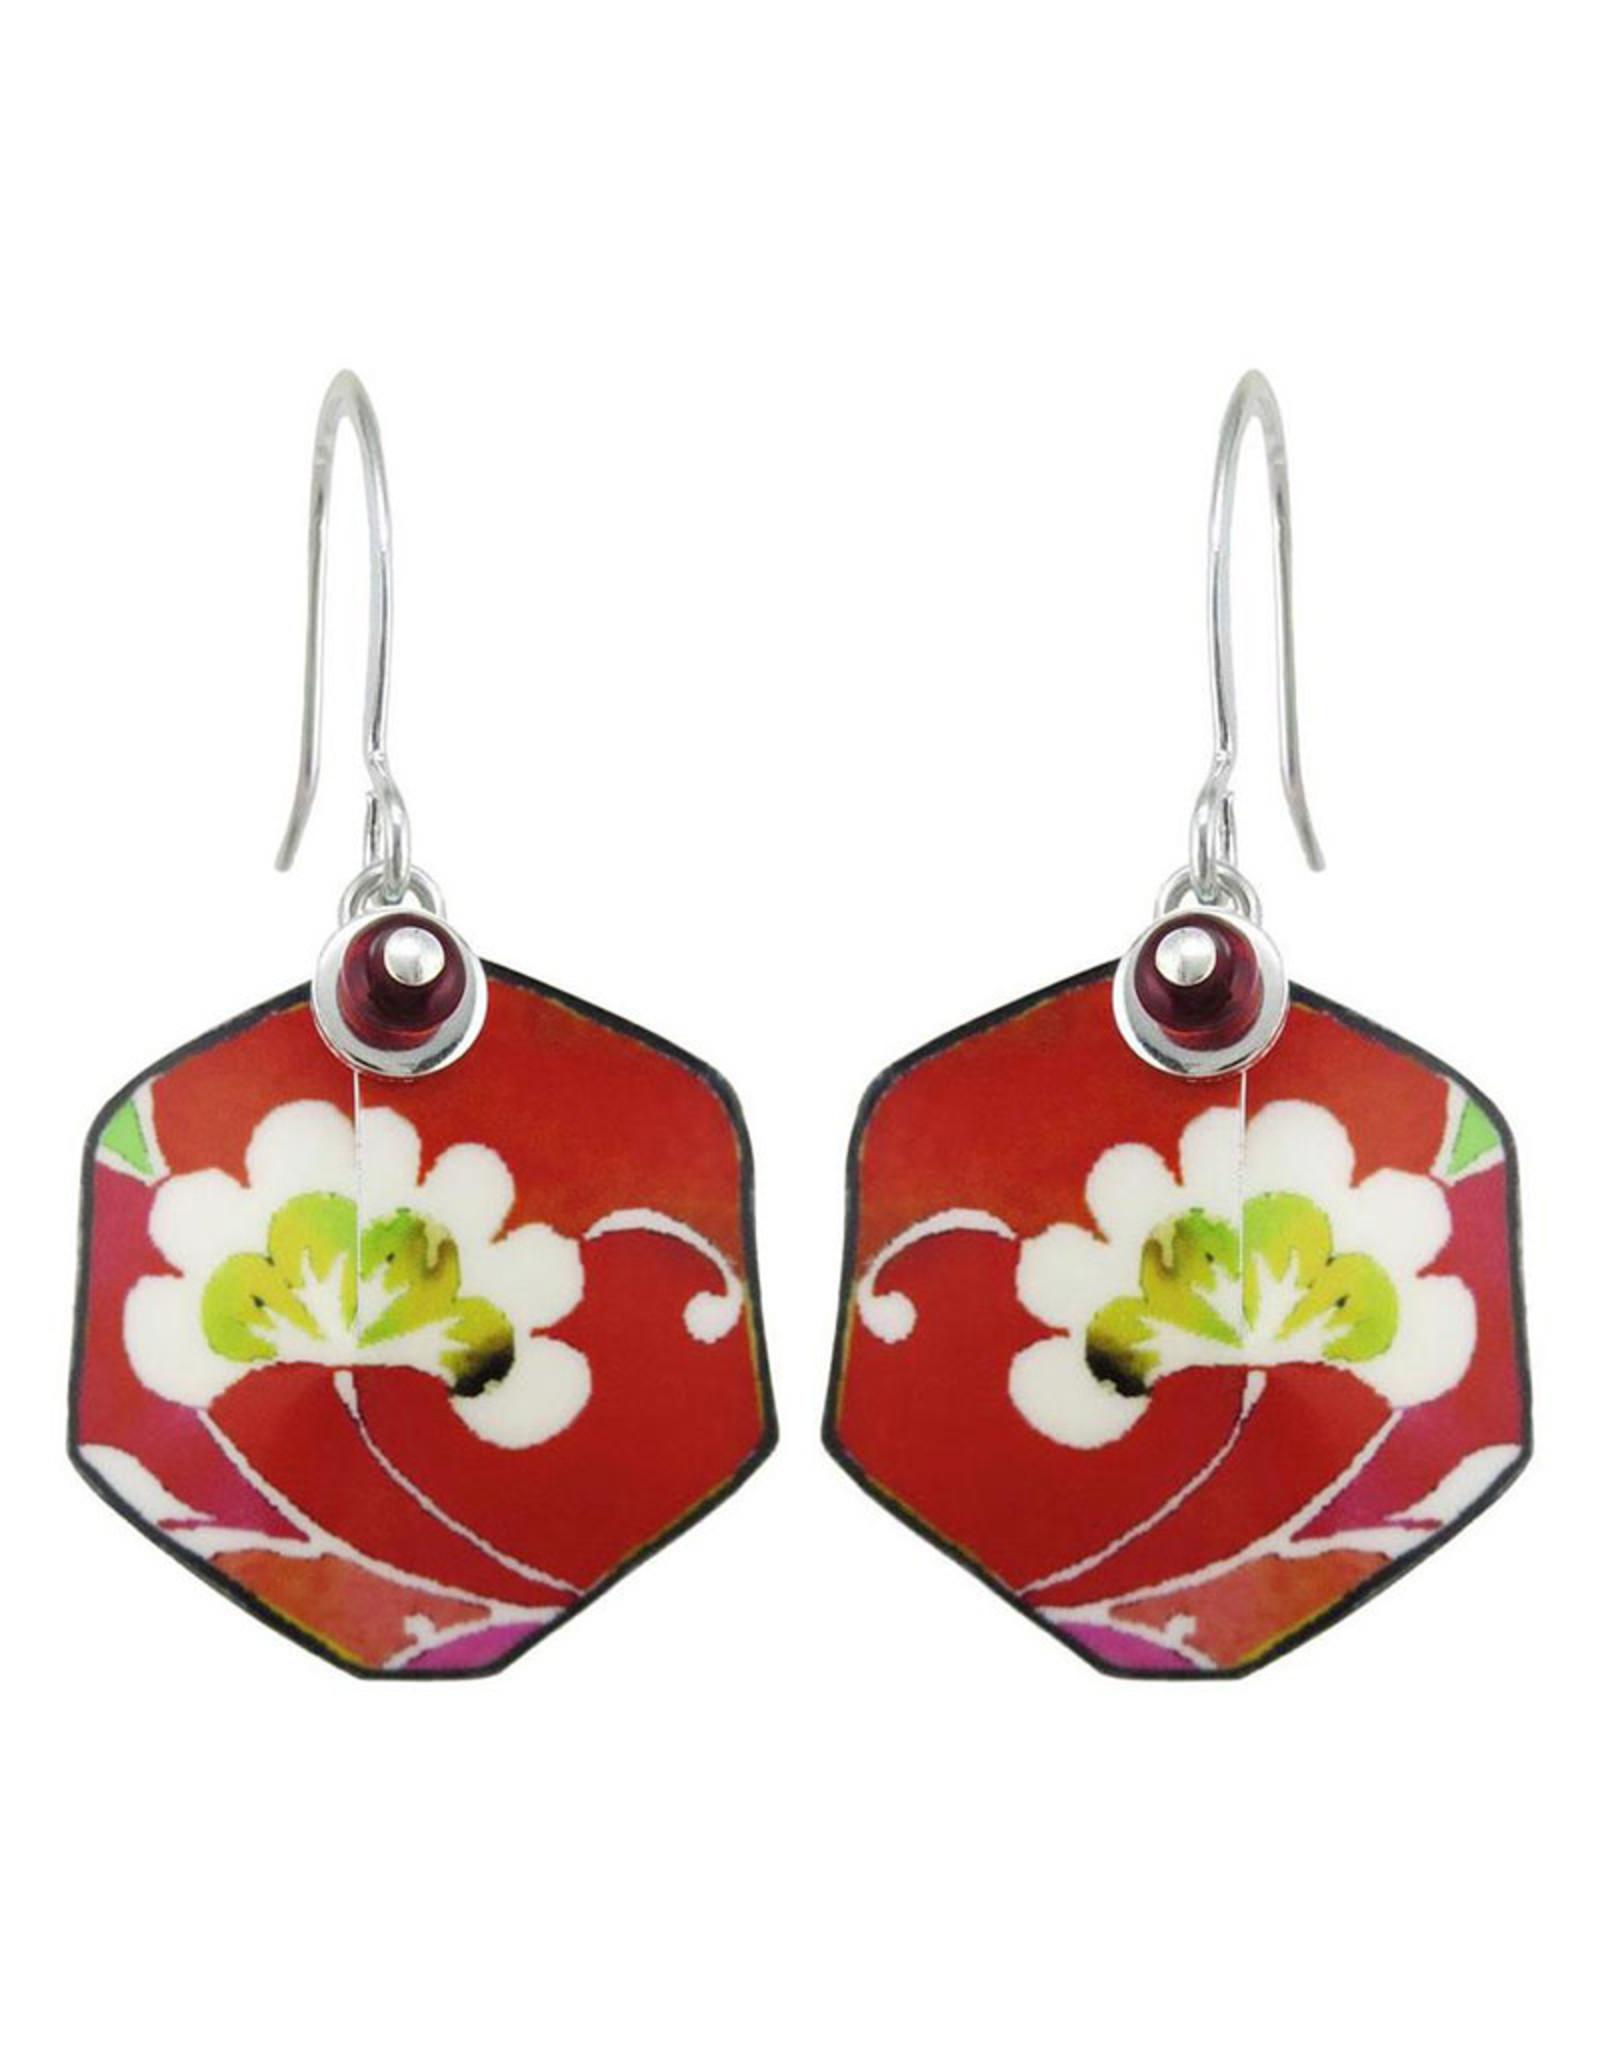 SINGERMAN & POST BLOOMING RED FLOWER EARRINGS